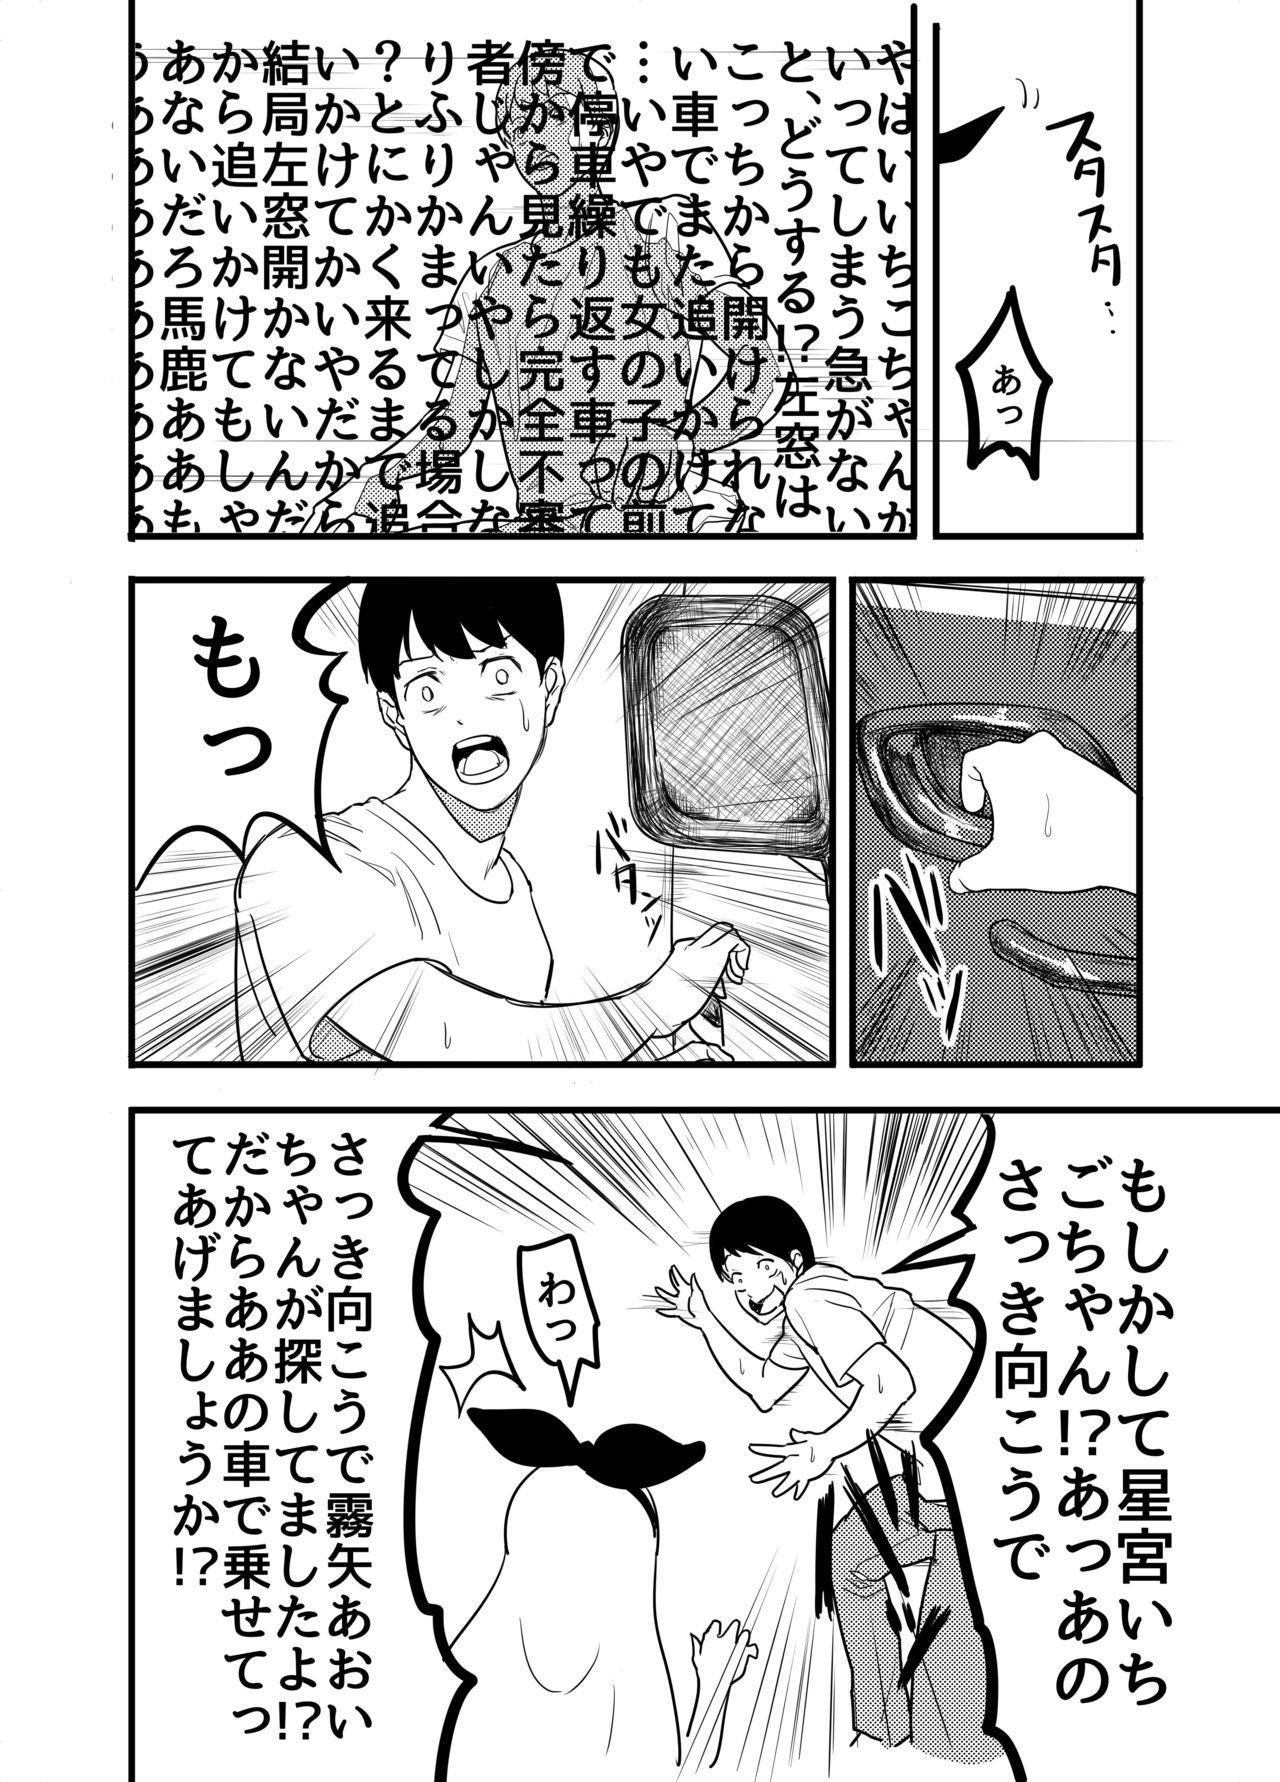 Hoshimiya Ichigo o Goukan Shite Boku wa Hoshi ni Naru. 43